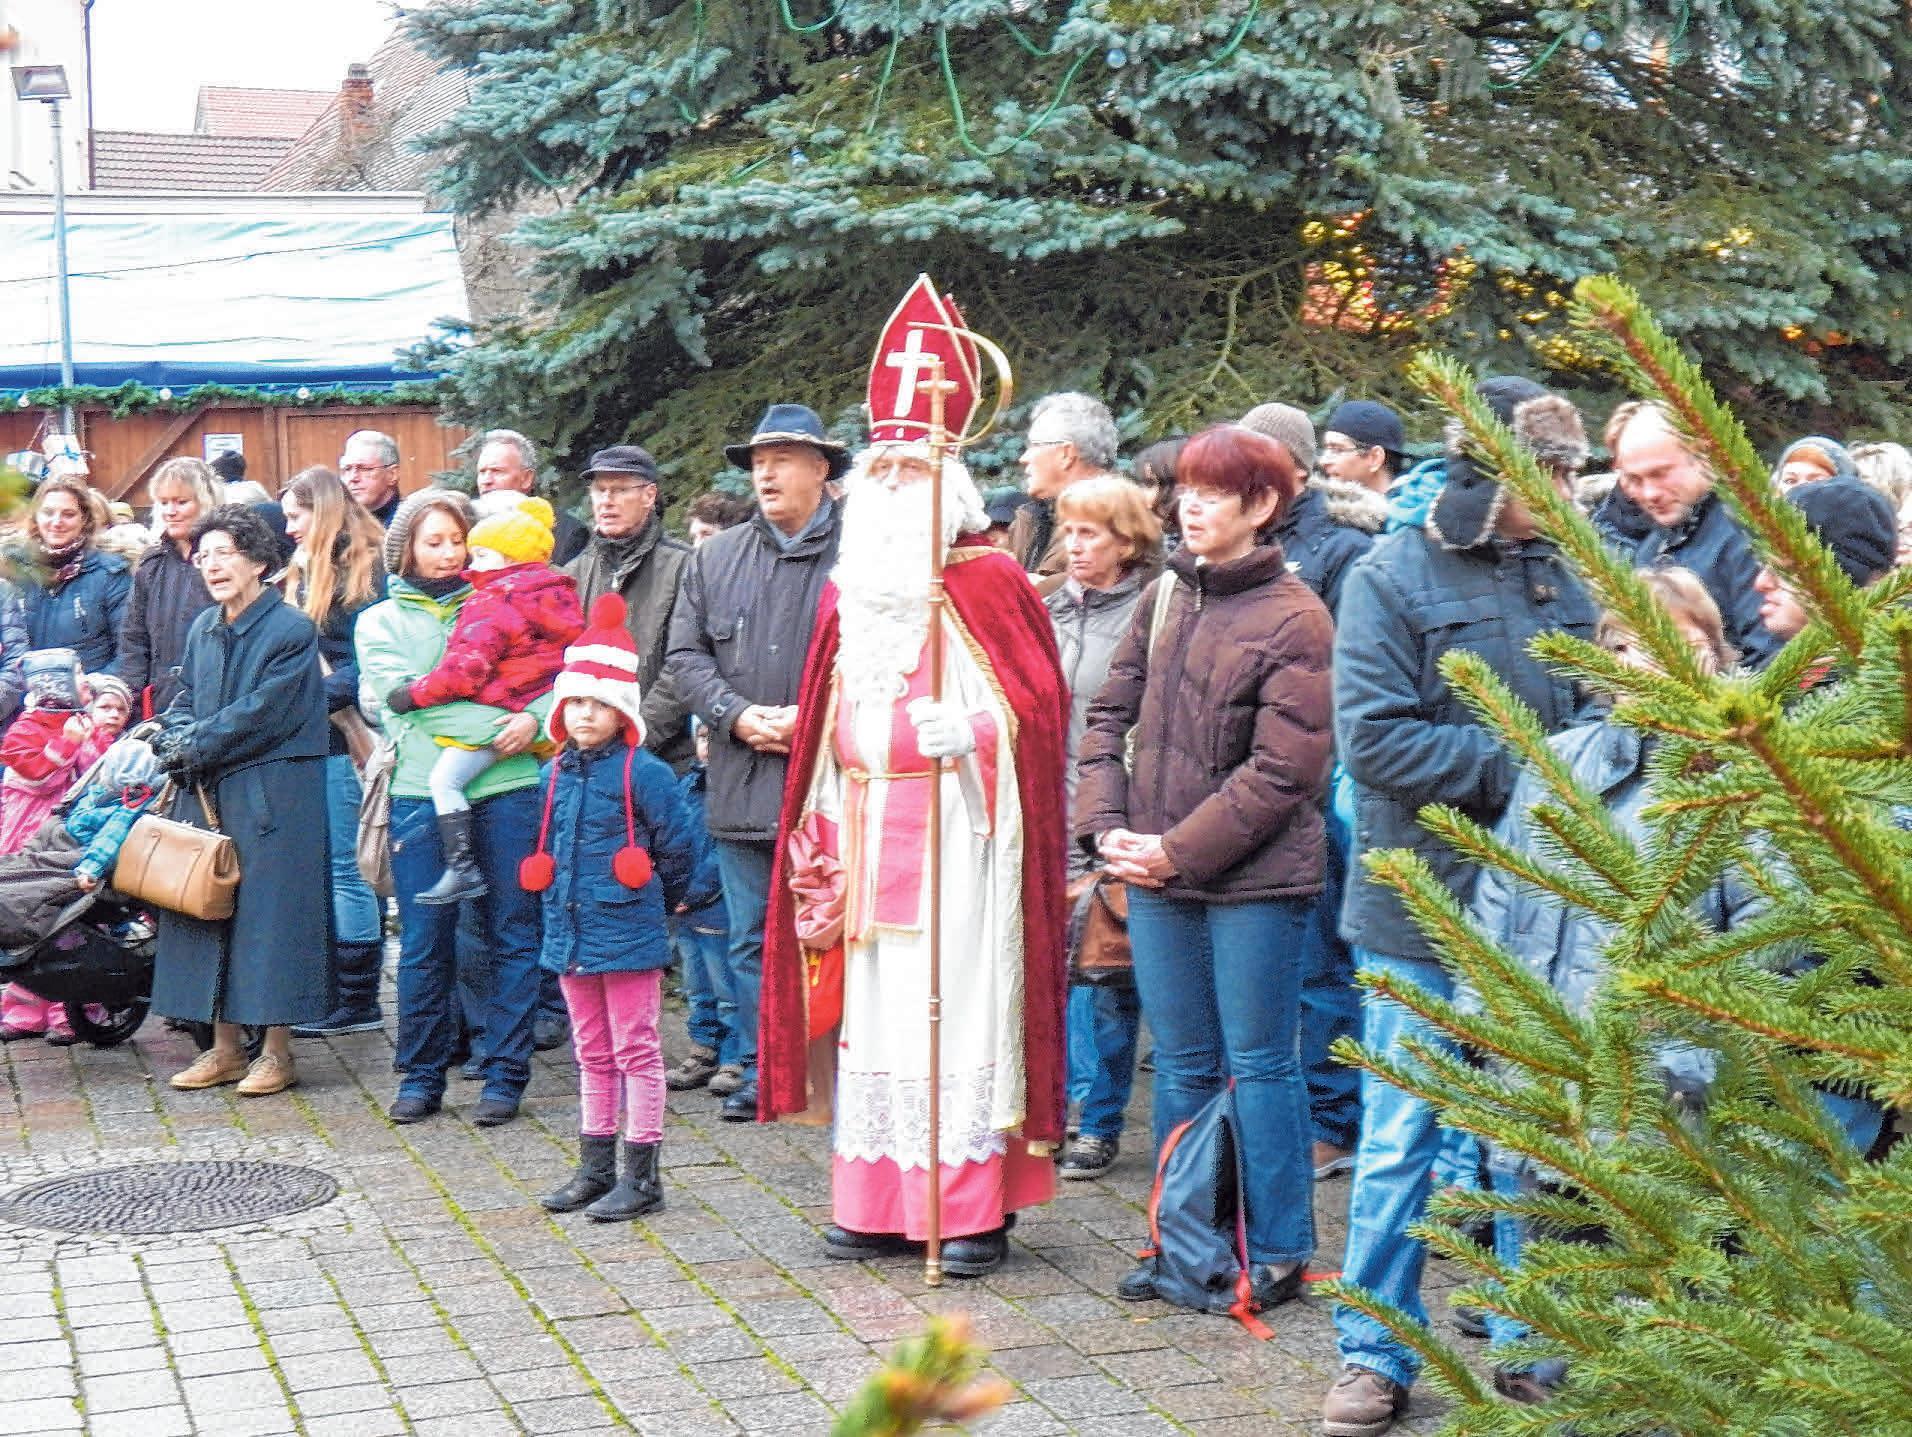 Regelmäßig wird der Nikolaus den Ehinger Weihnachtsmarkt besuchen. FOTO: BURGHART